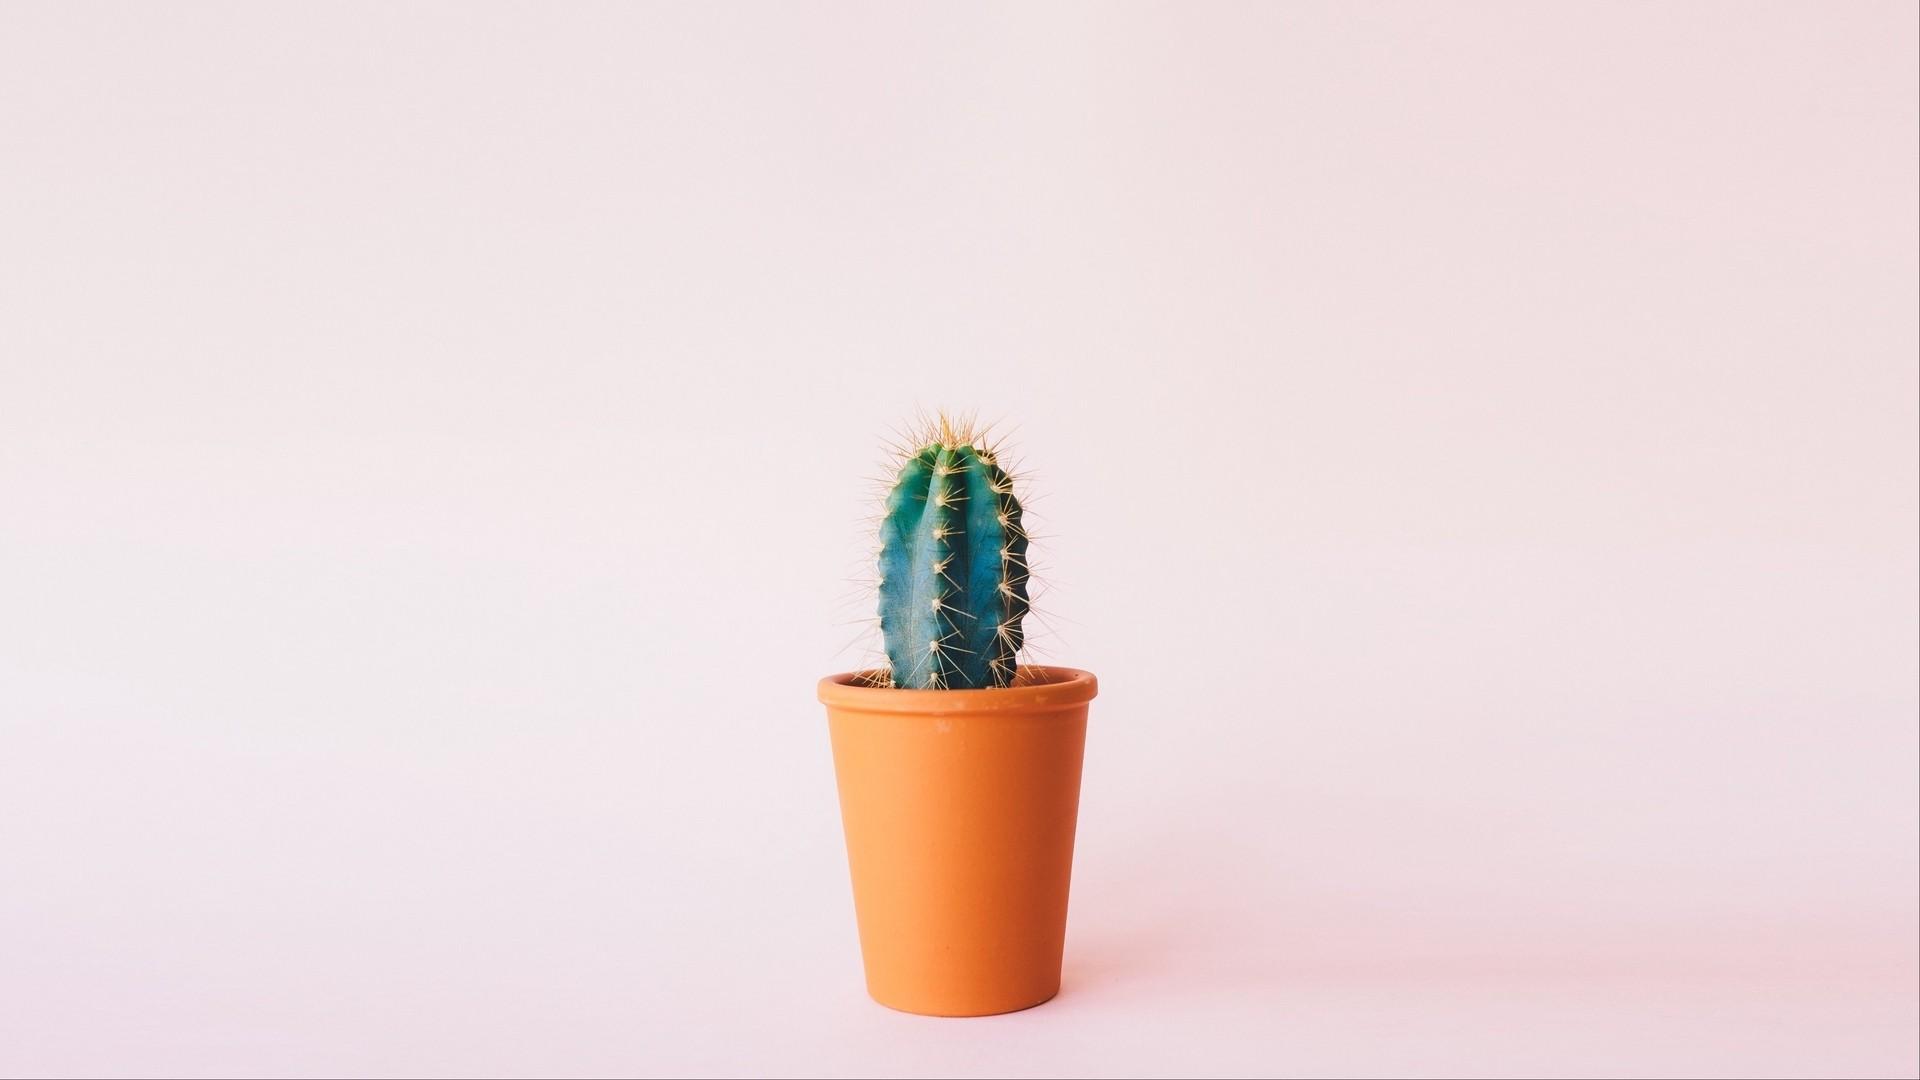 Flower Minimalist Background